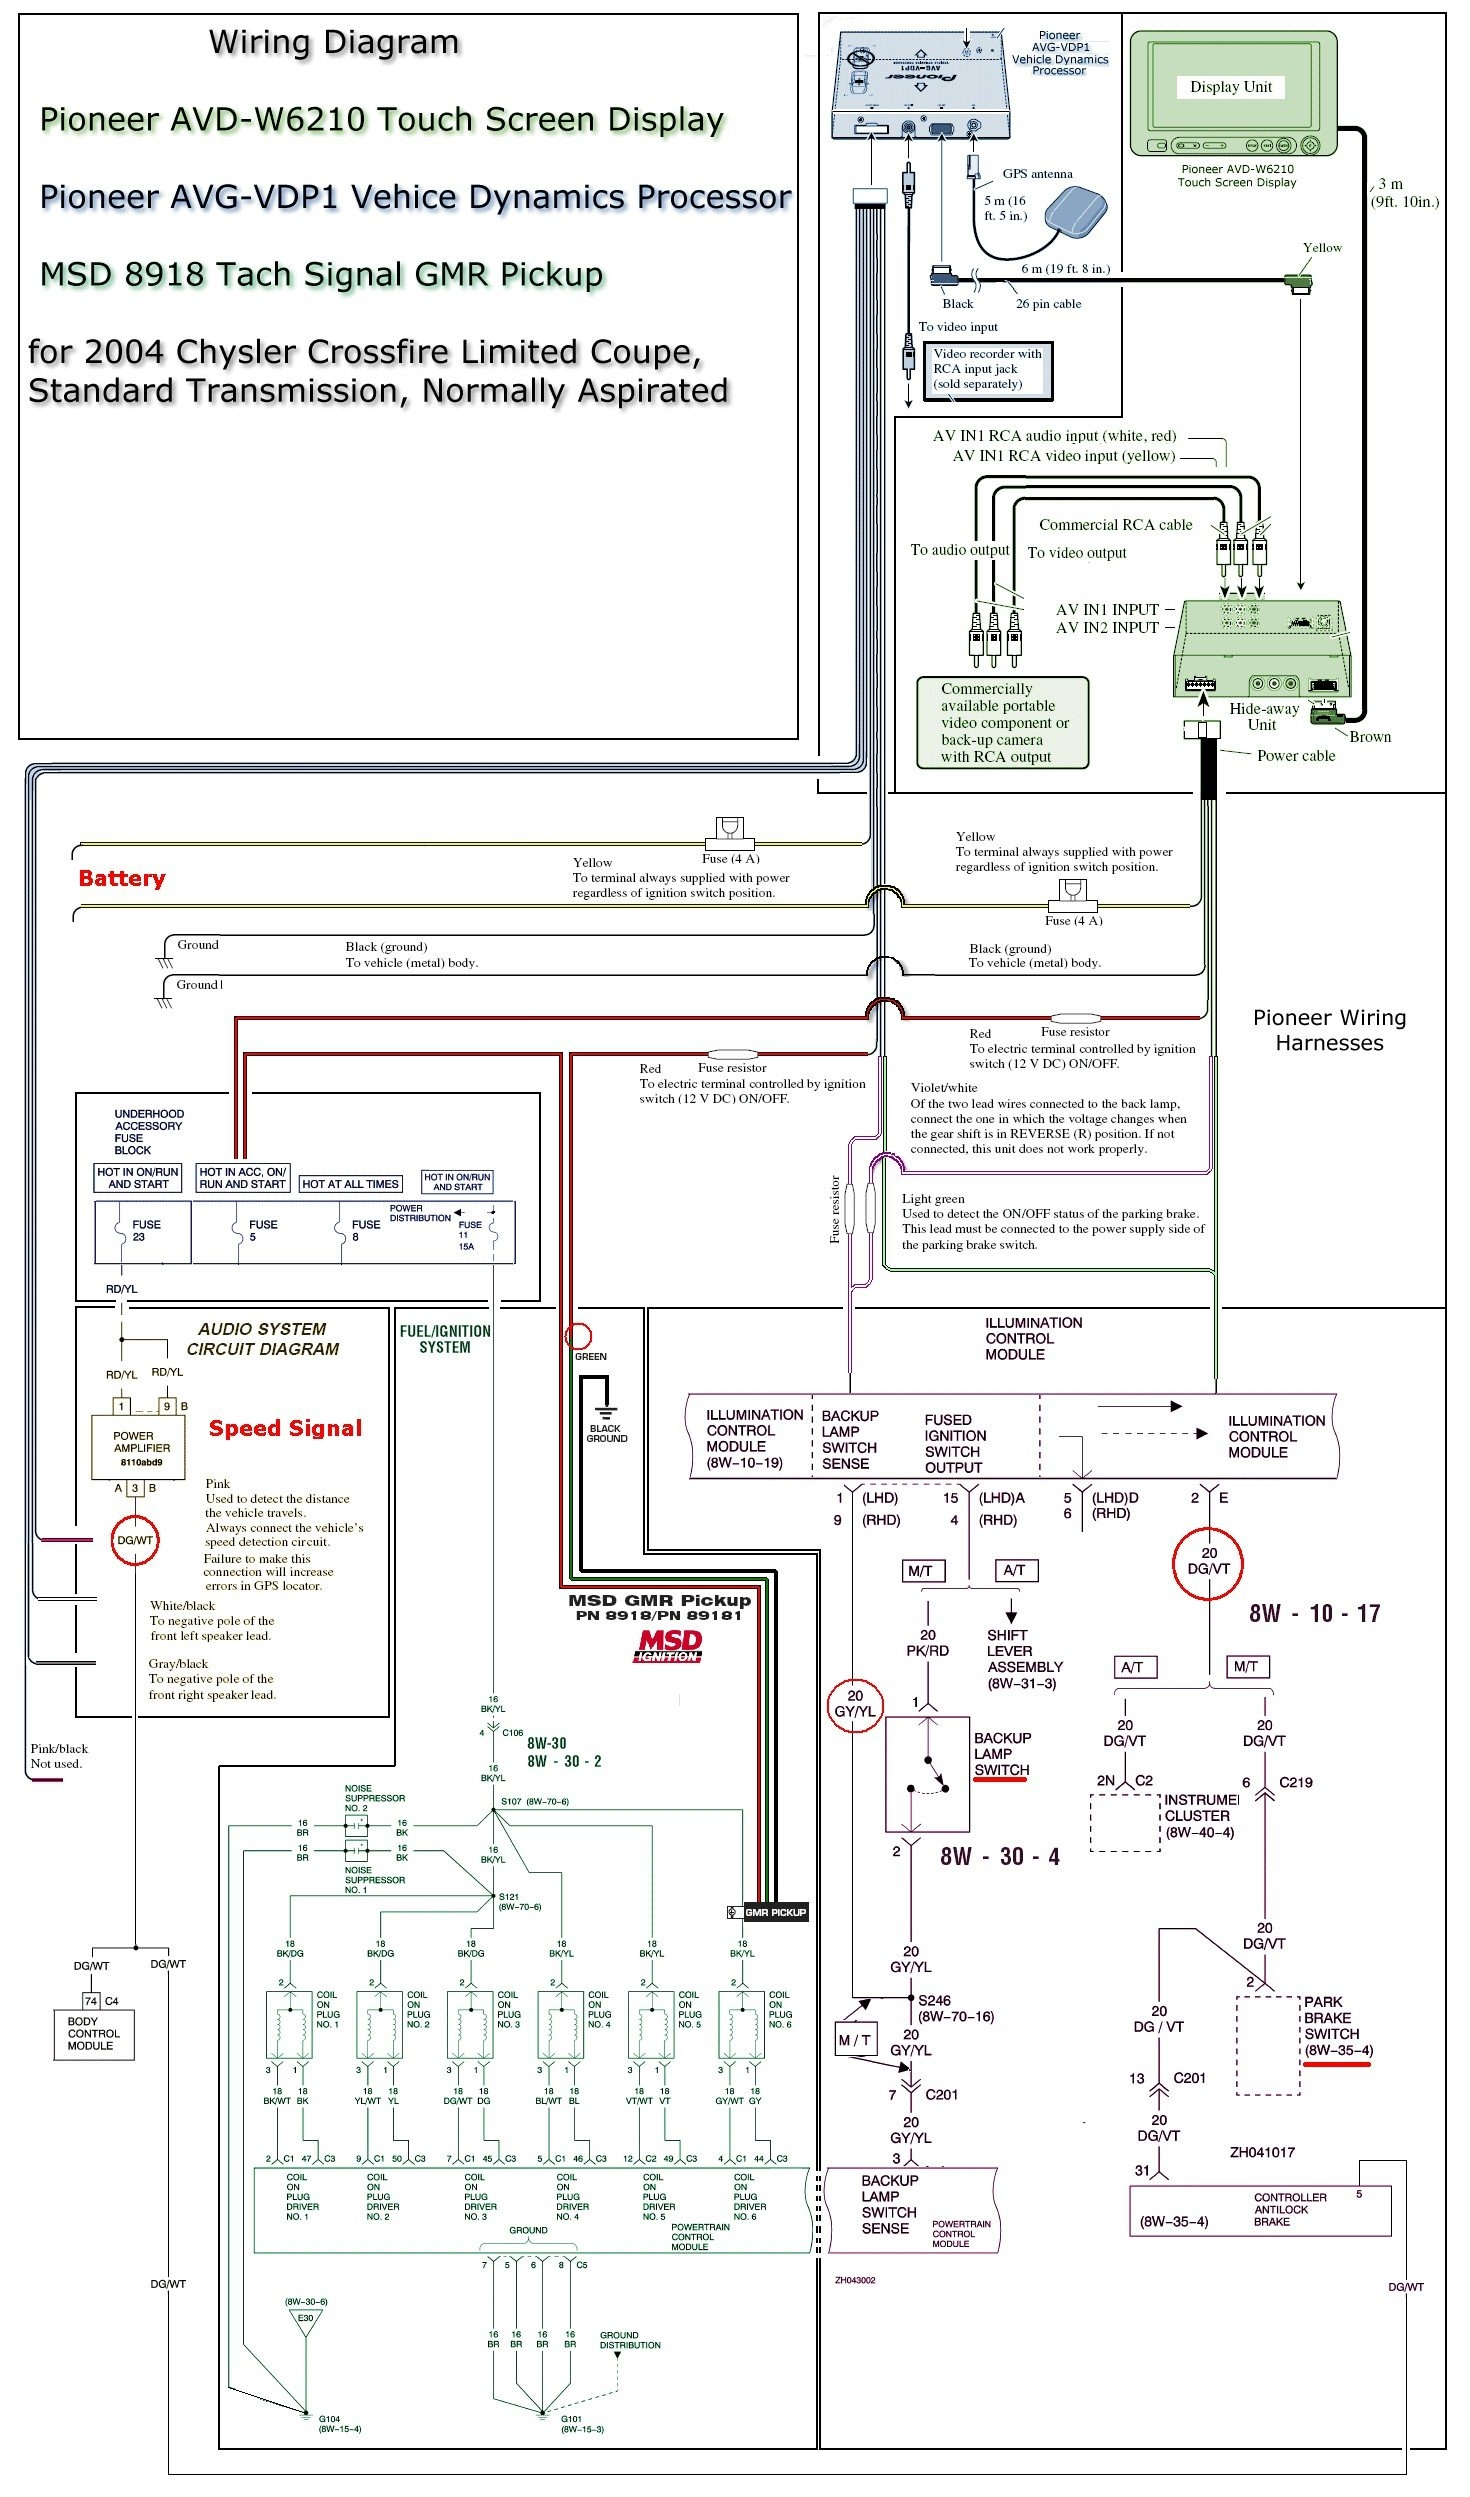 Pioneer Avh 280Bt Wiring Diagram | Wiring Diagram - Pioneer Avh 280Bt Wiring Diagram